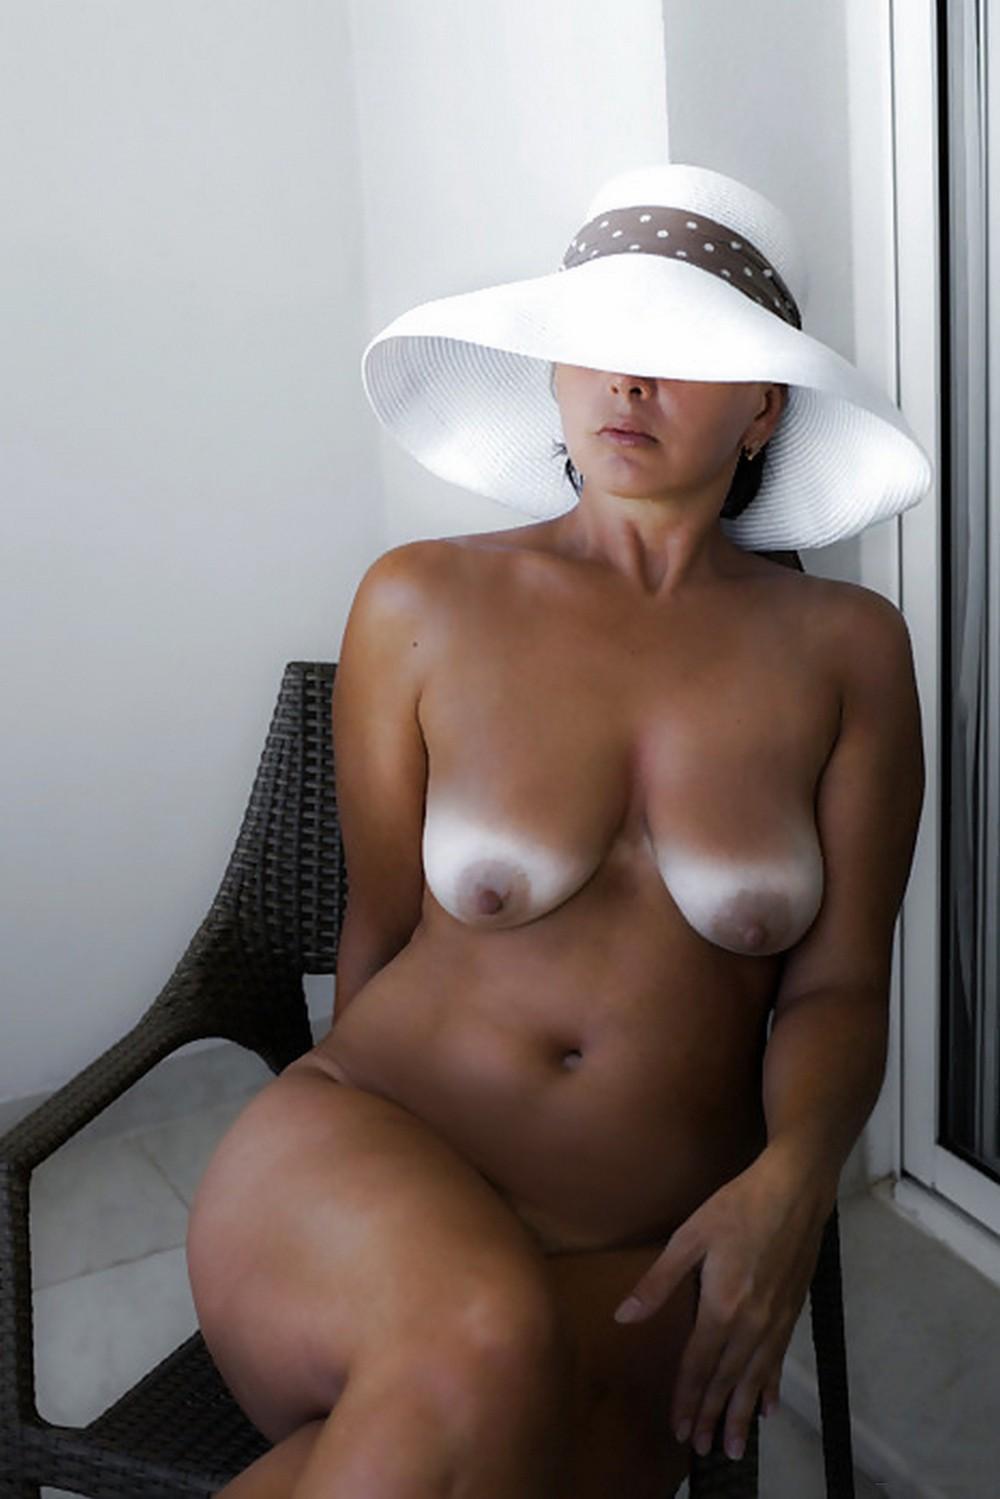 Следы от загара на голом теле порно фото 12 фотография